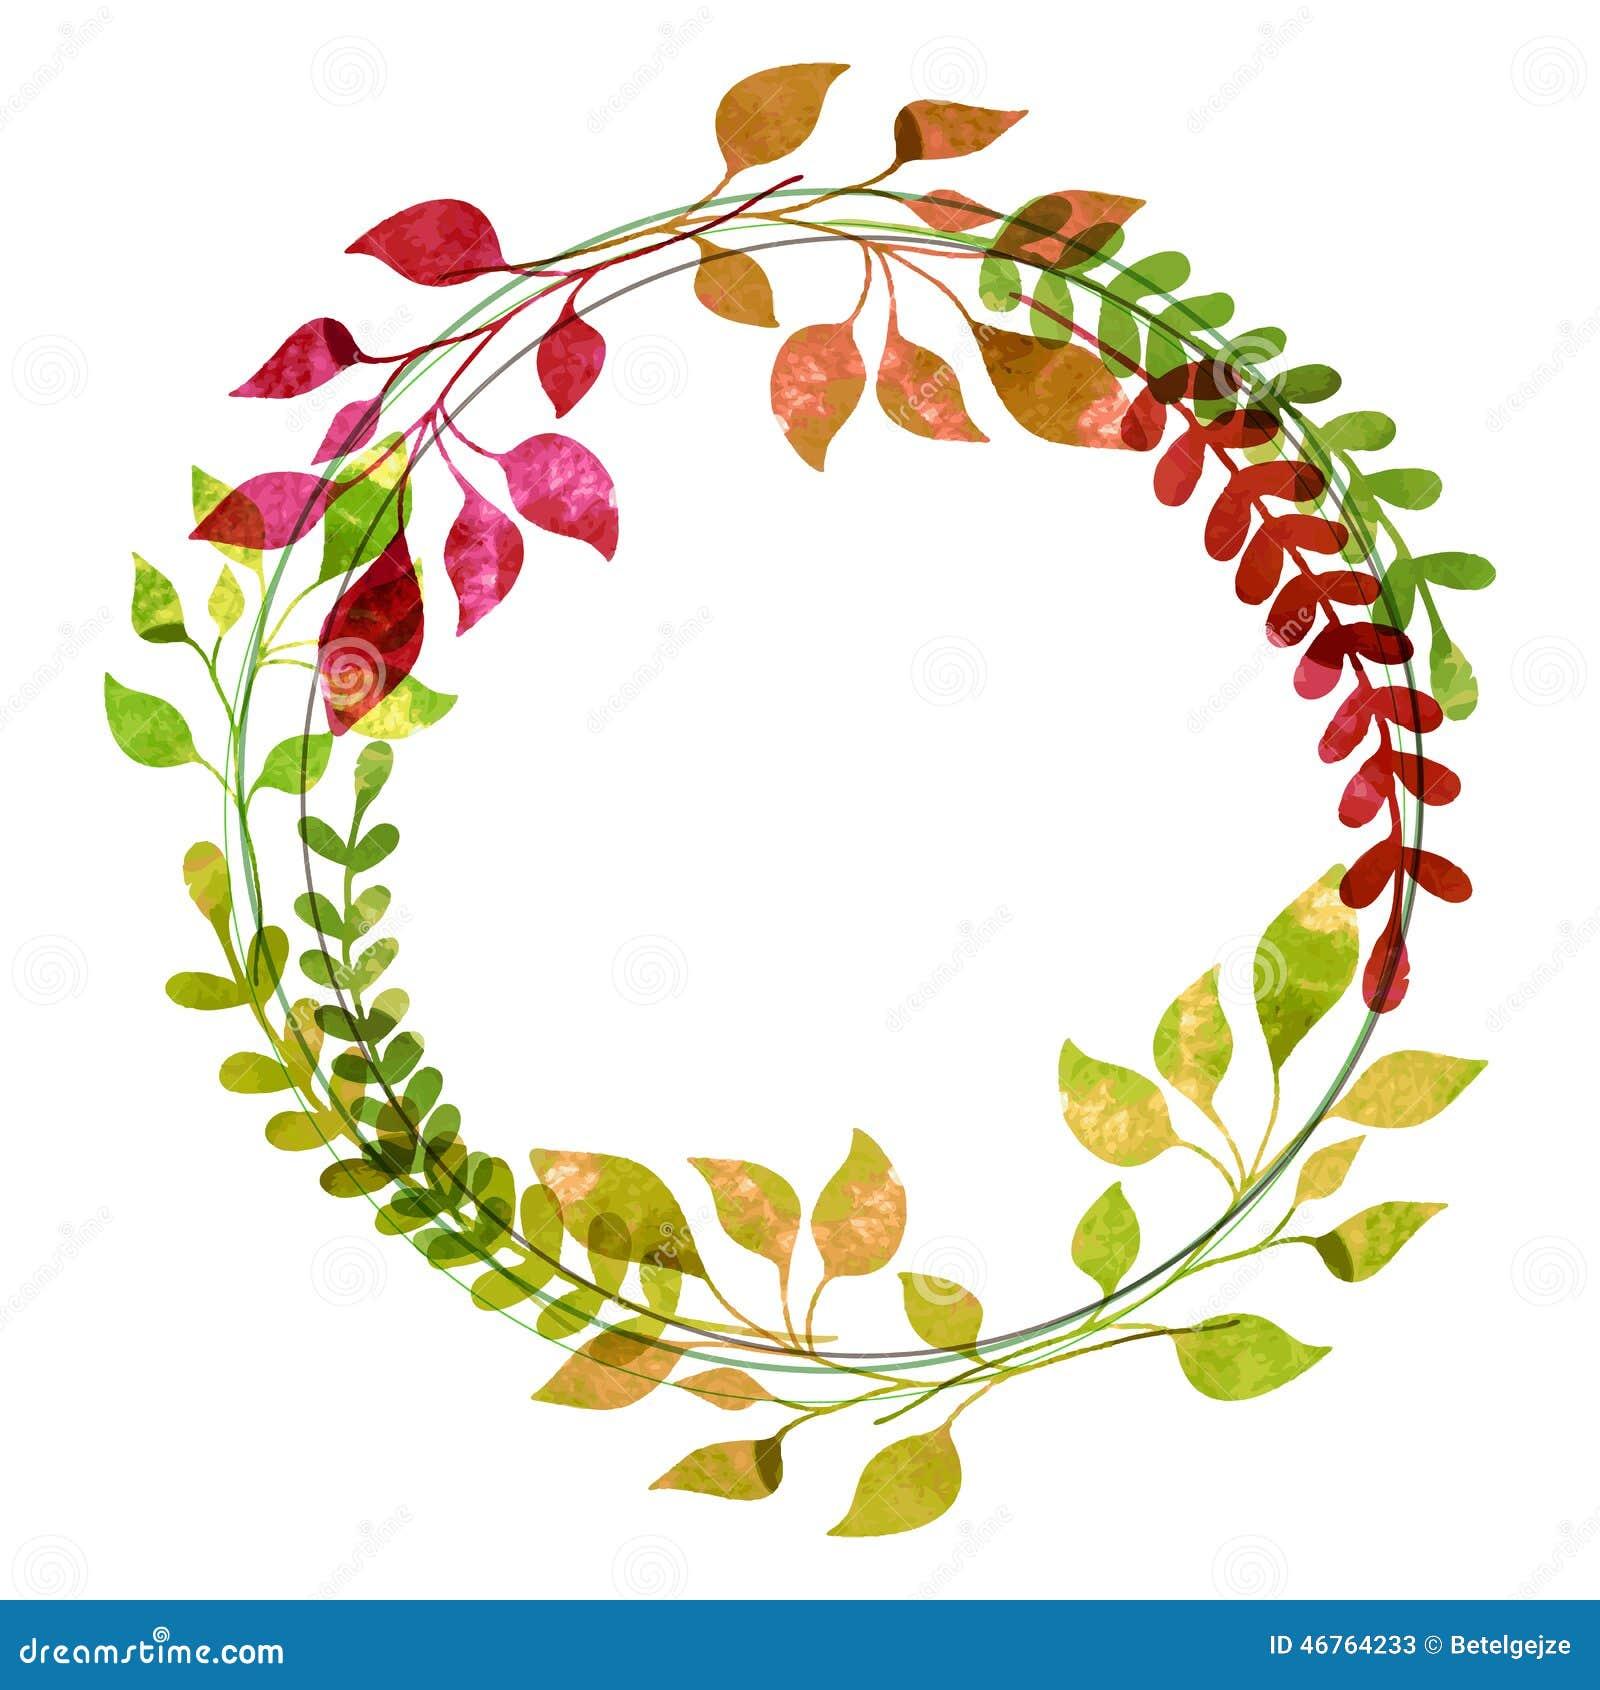 Рисунки венков из листьев